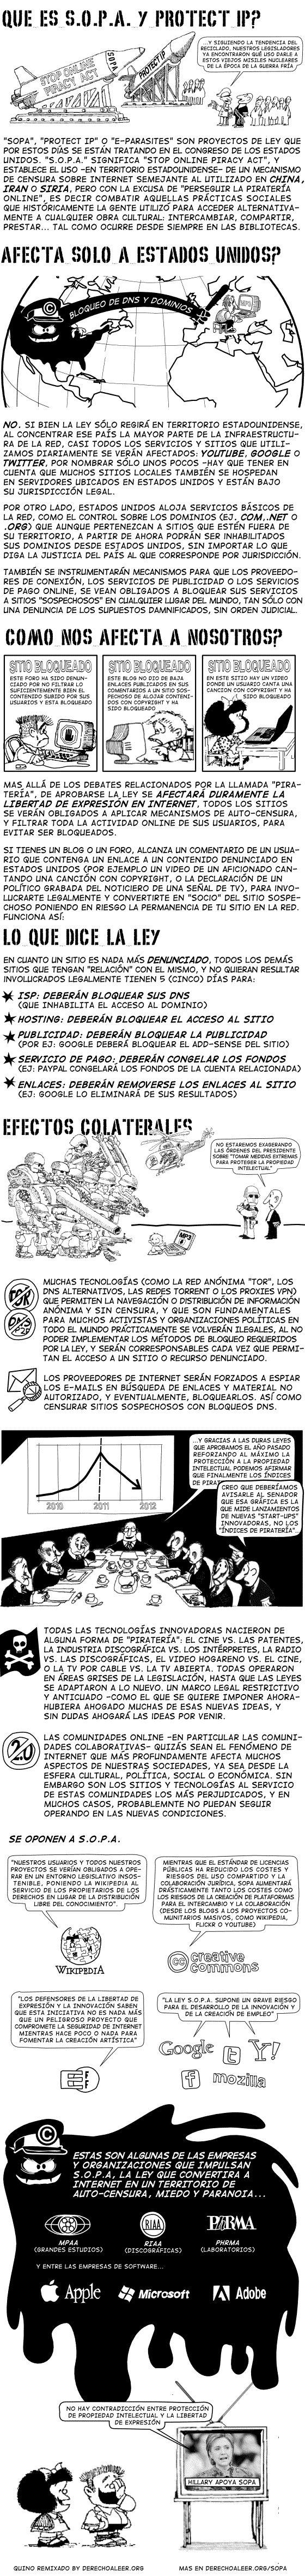 queesSOPA